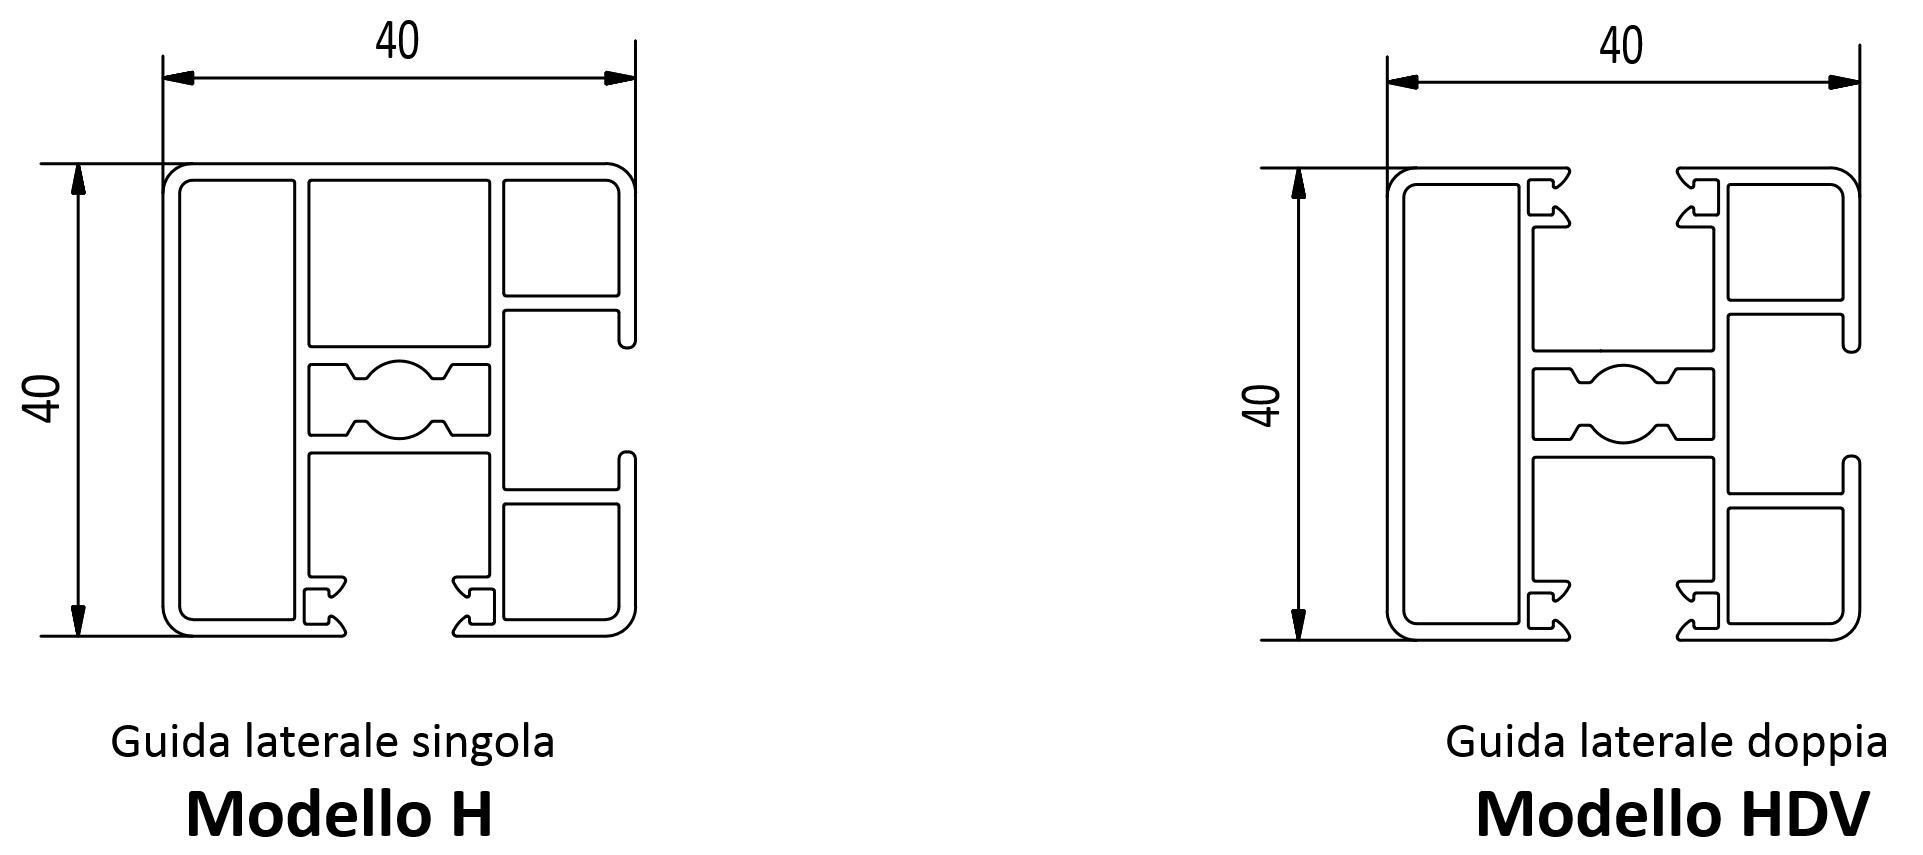 Nuove guide laterali per frangisole orientabile ed impacchettabile e tende veneziane bordate. Stameat srl - Padova